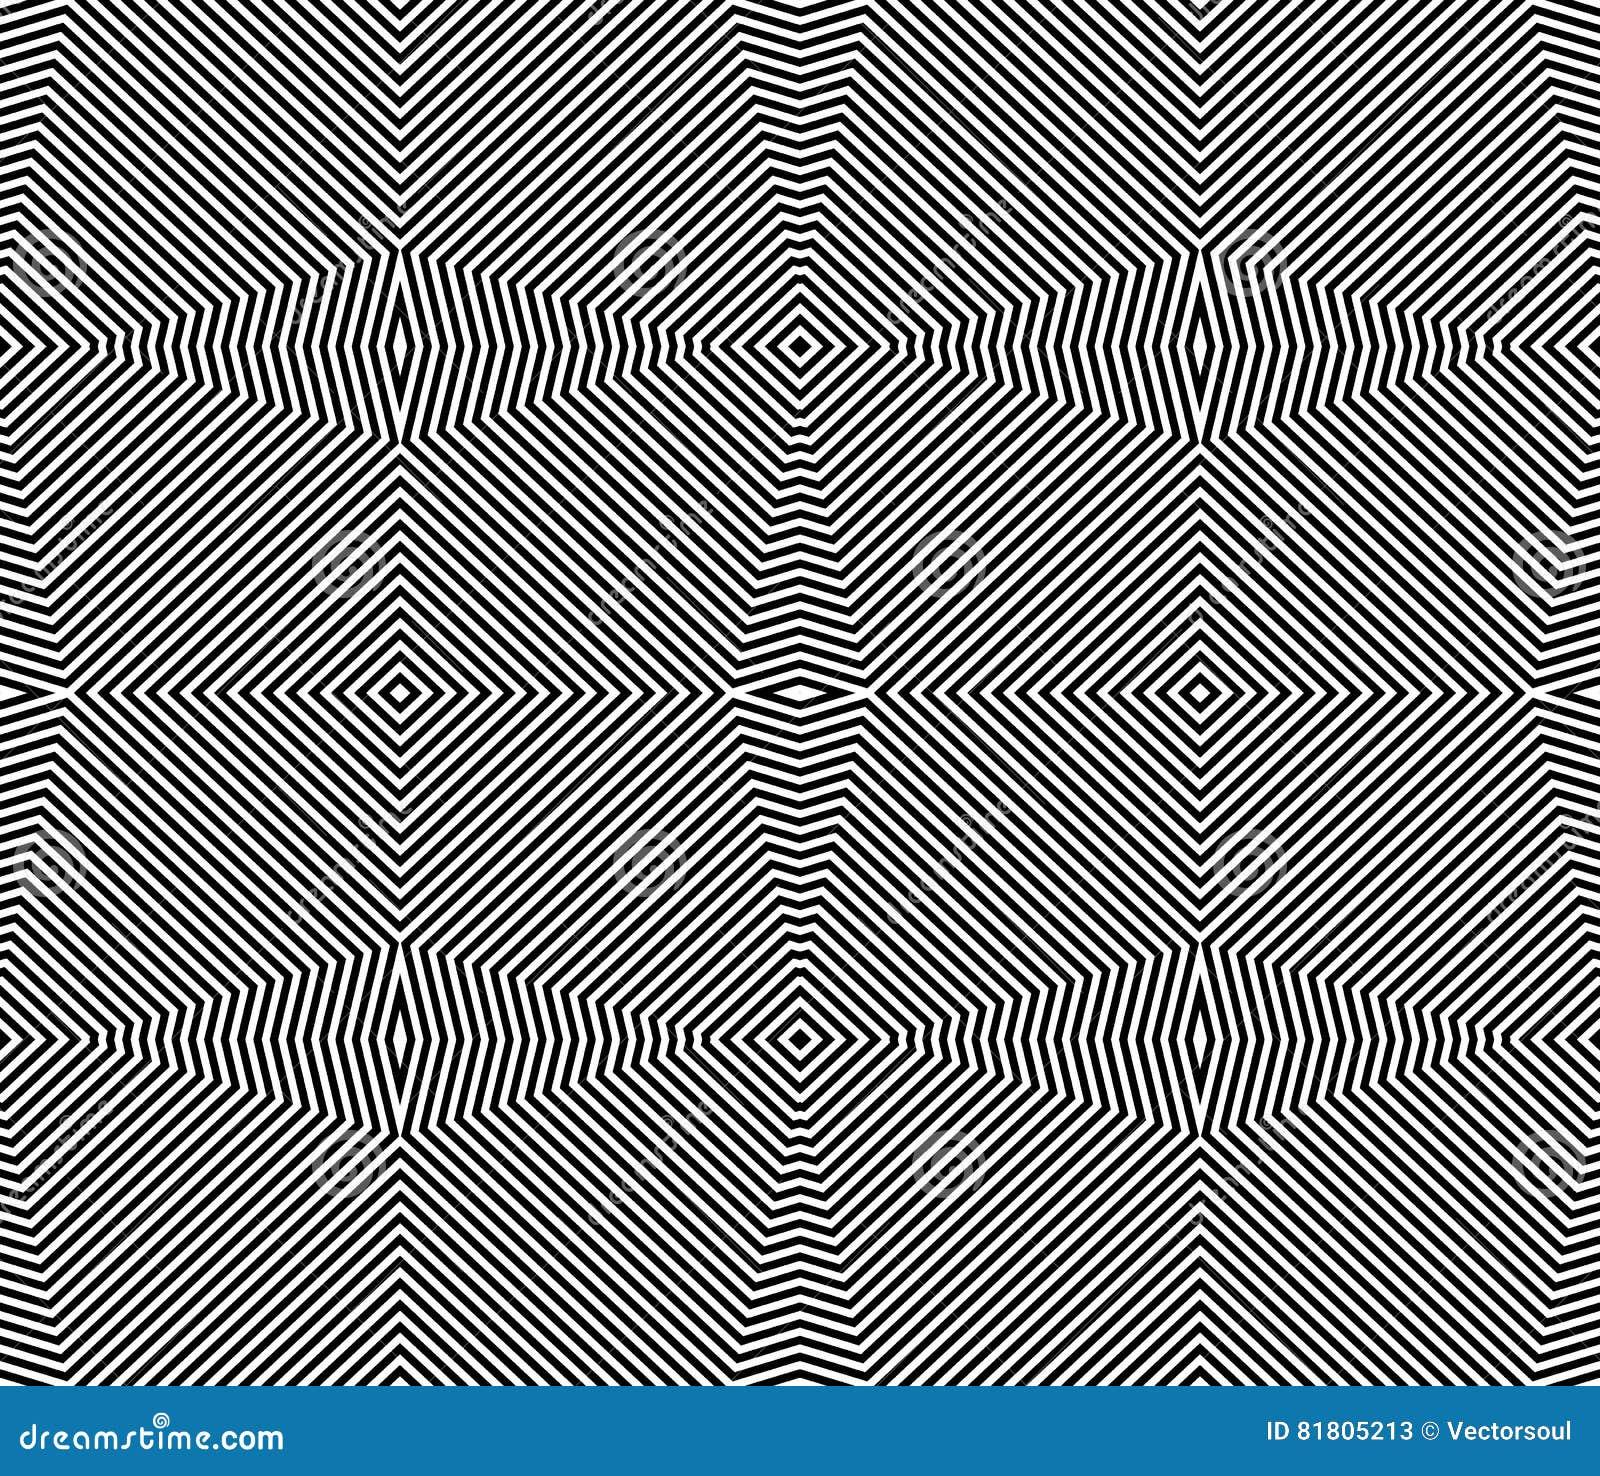 Симметричная решетка, картина сетки Плавно repeatable